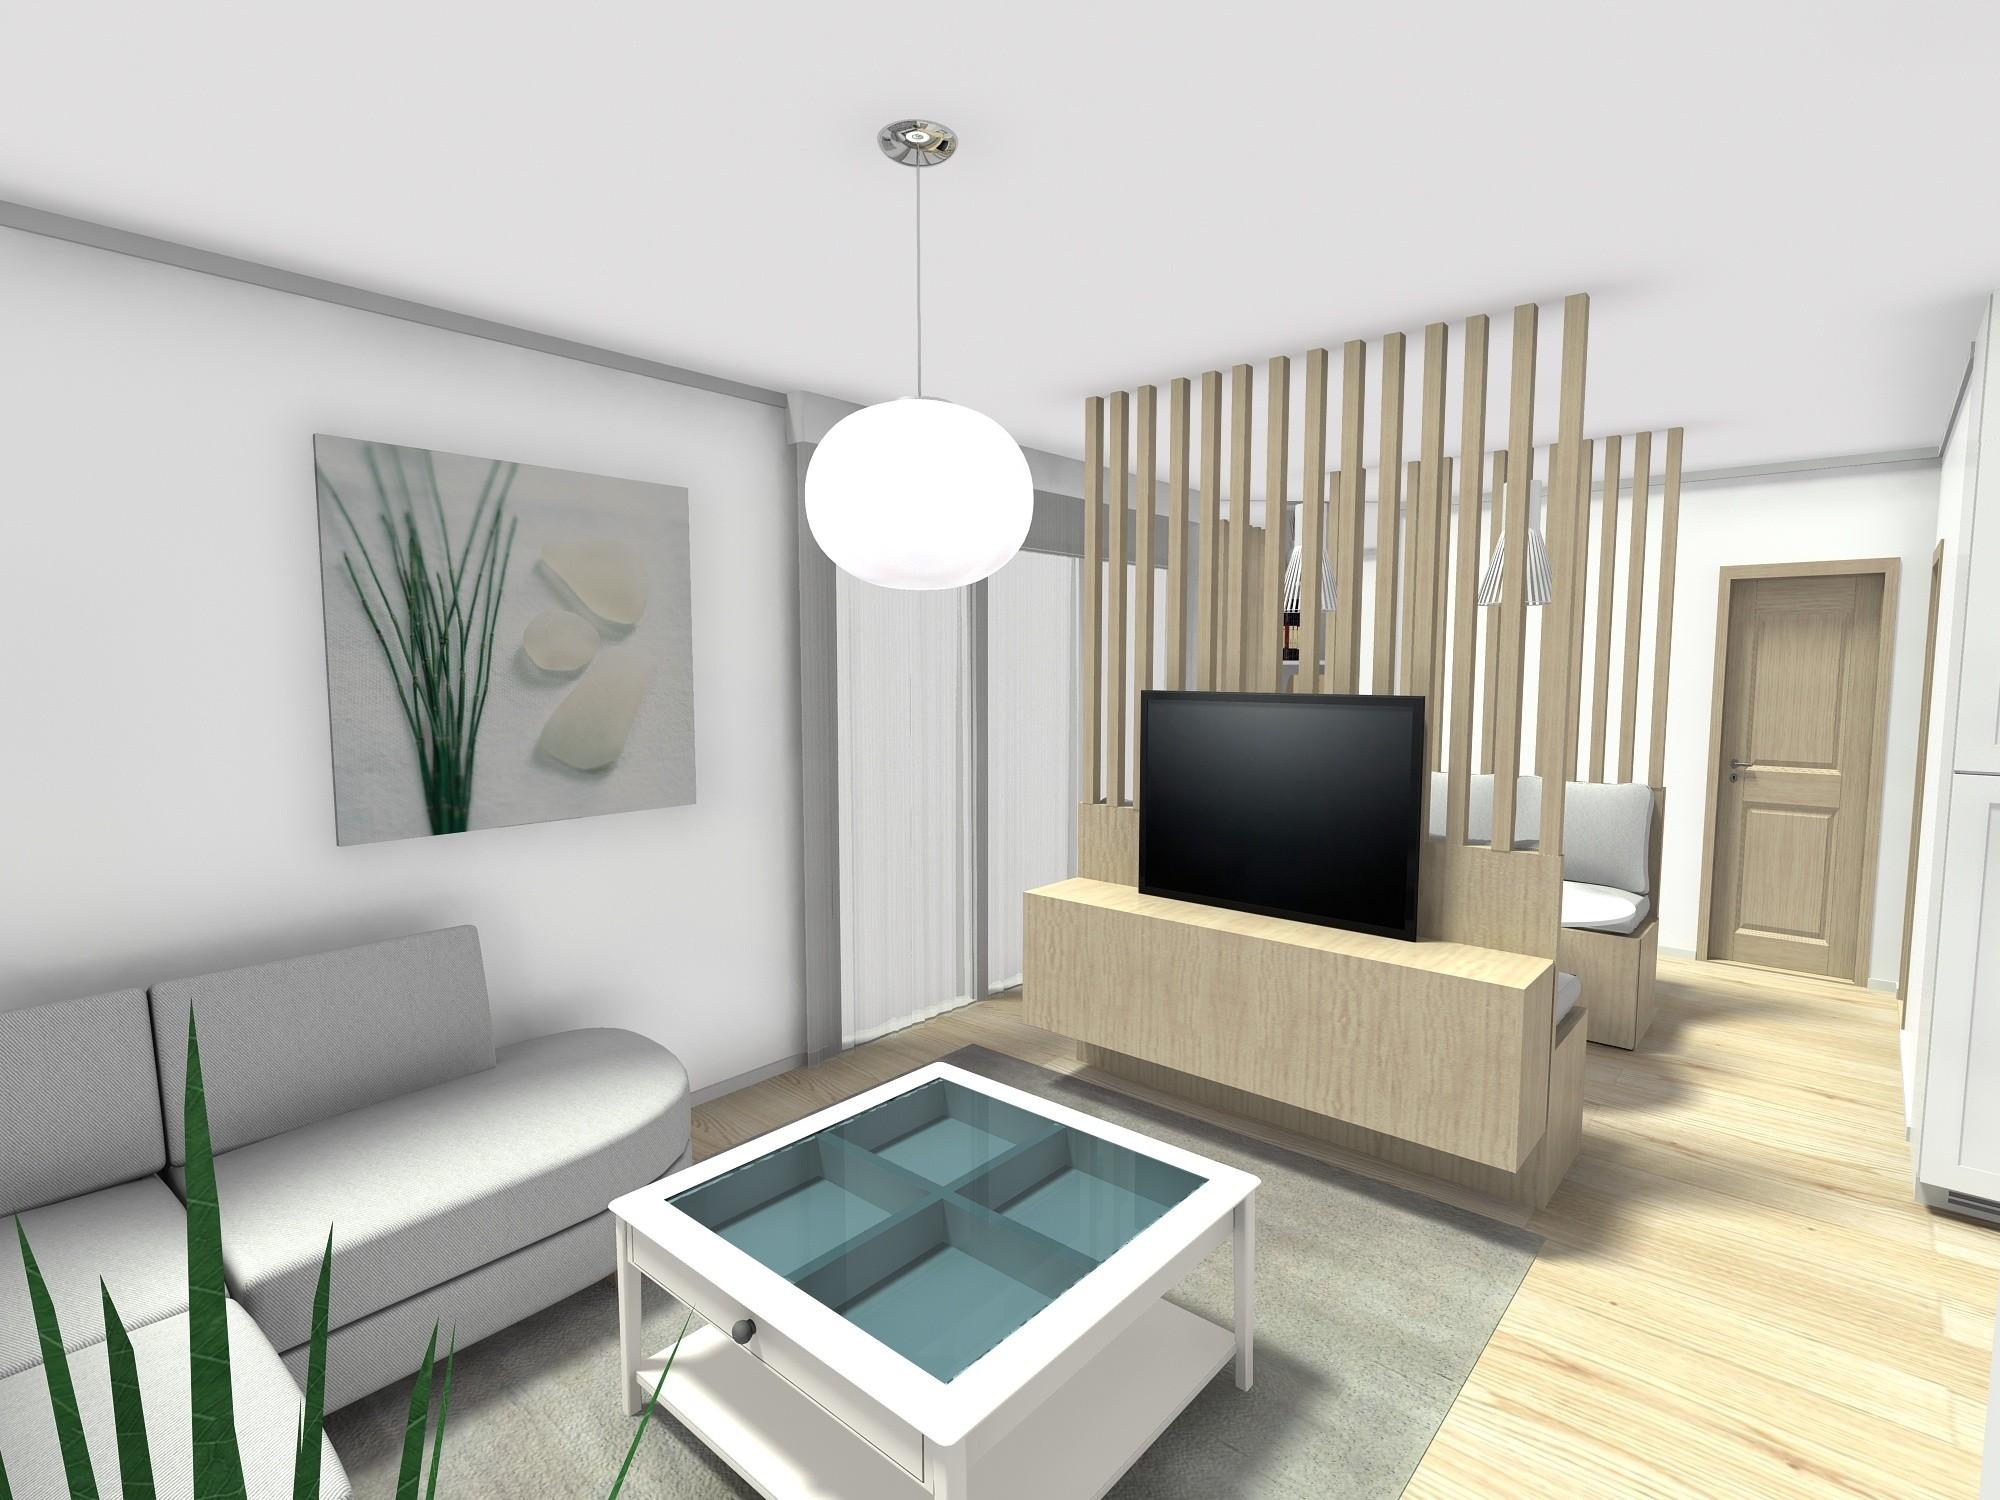 dnevni boravak stan 45 m2